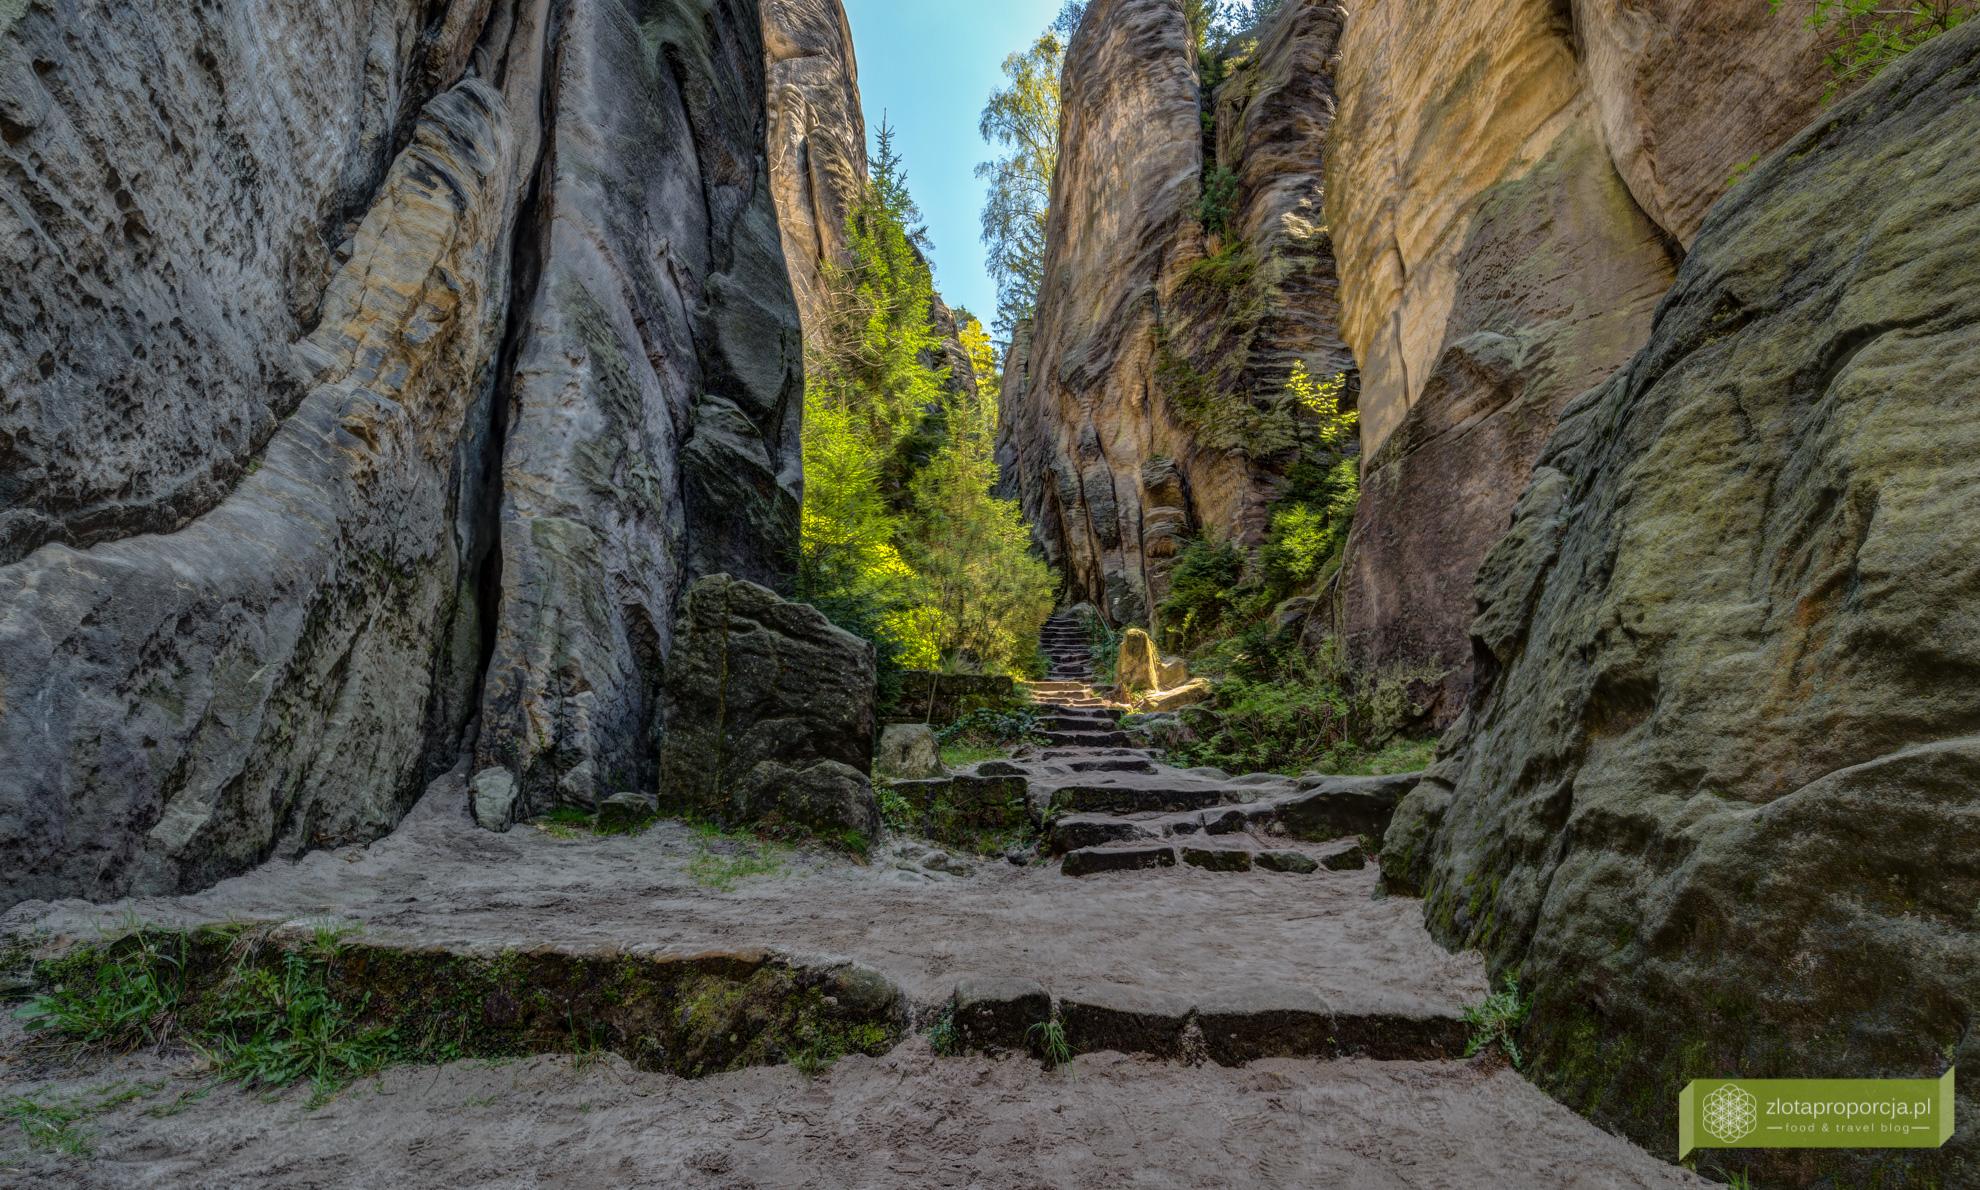 Czeski Raj, Czeski Raj zdjęcia, Czeski Raj miasta skalne, Prachovske Skaly